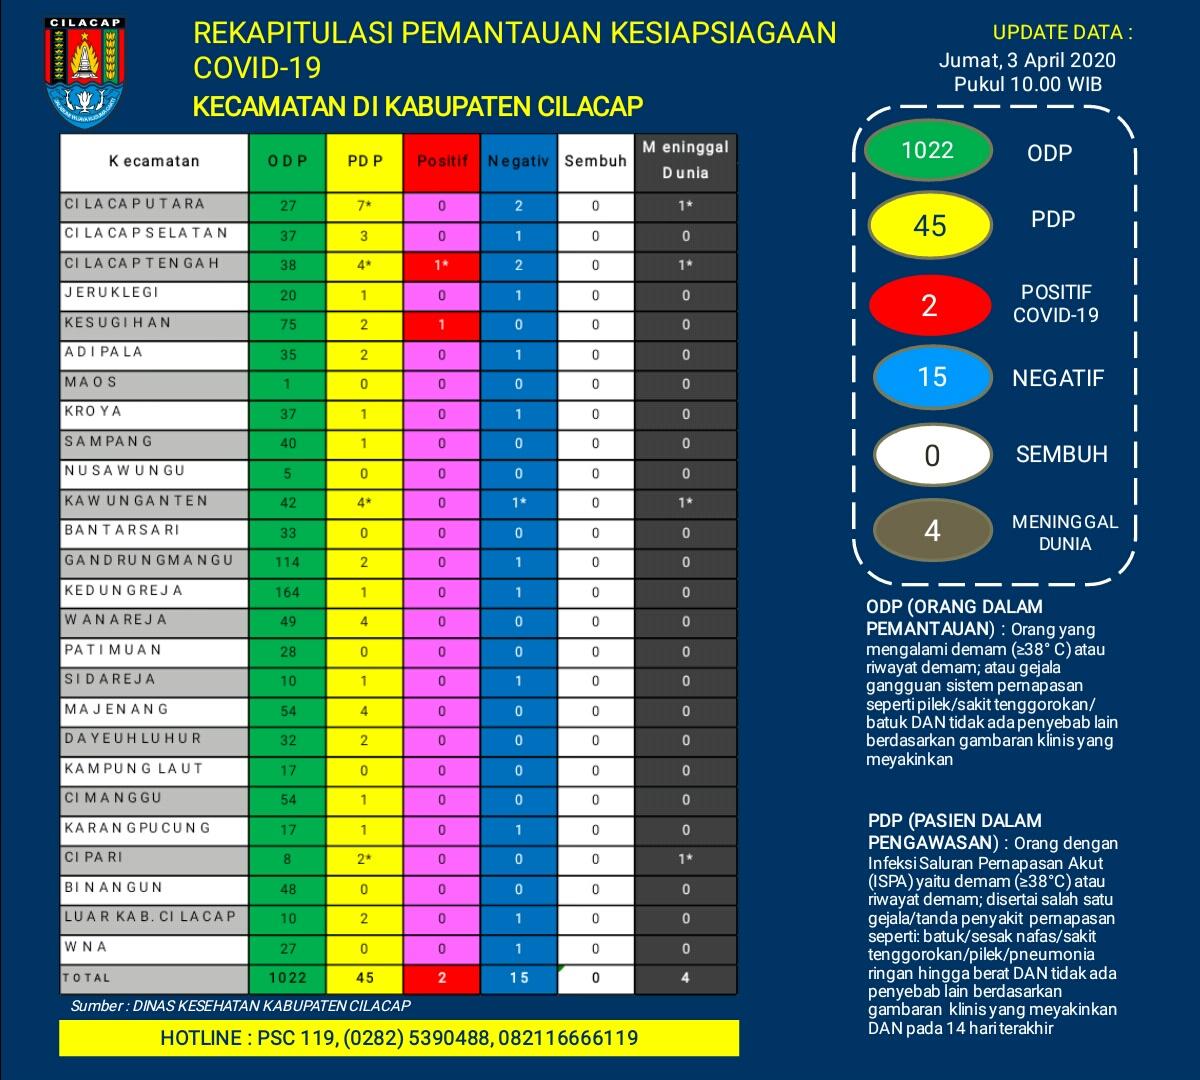 Rekapitulasi Pemantauan Kesiapsiagaan COVID-19 Kecamatan di Kabupaten Cilacap, 3 April 2020